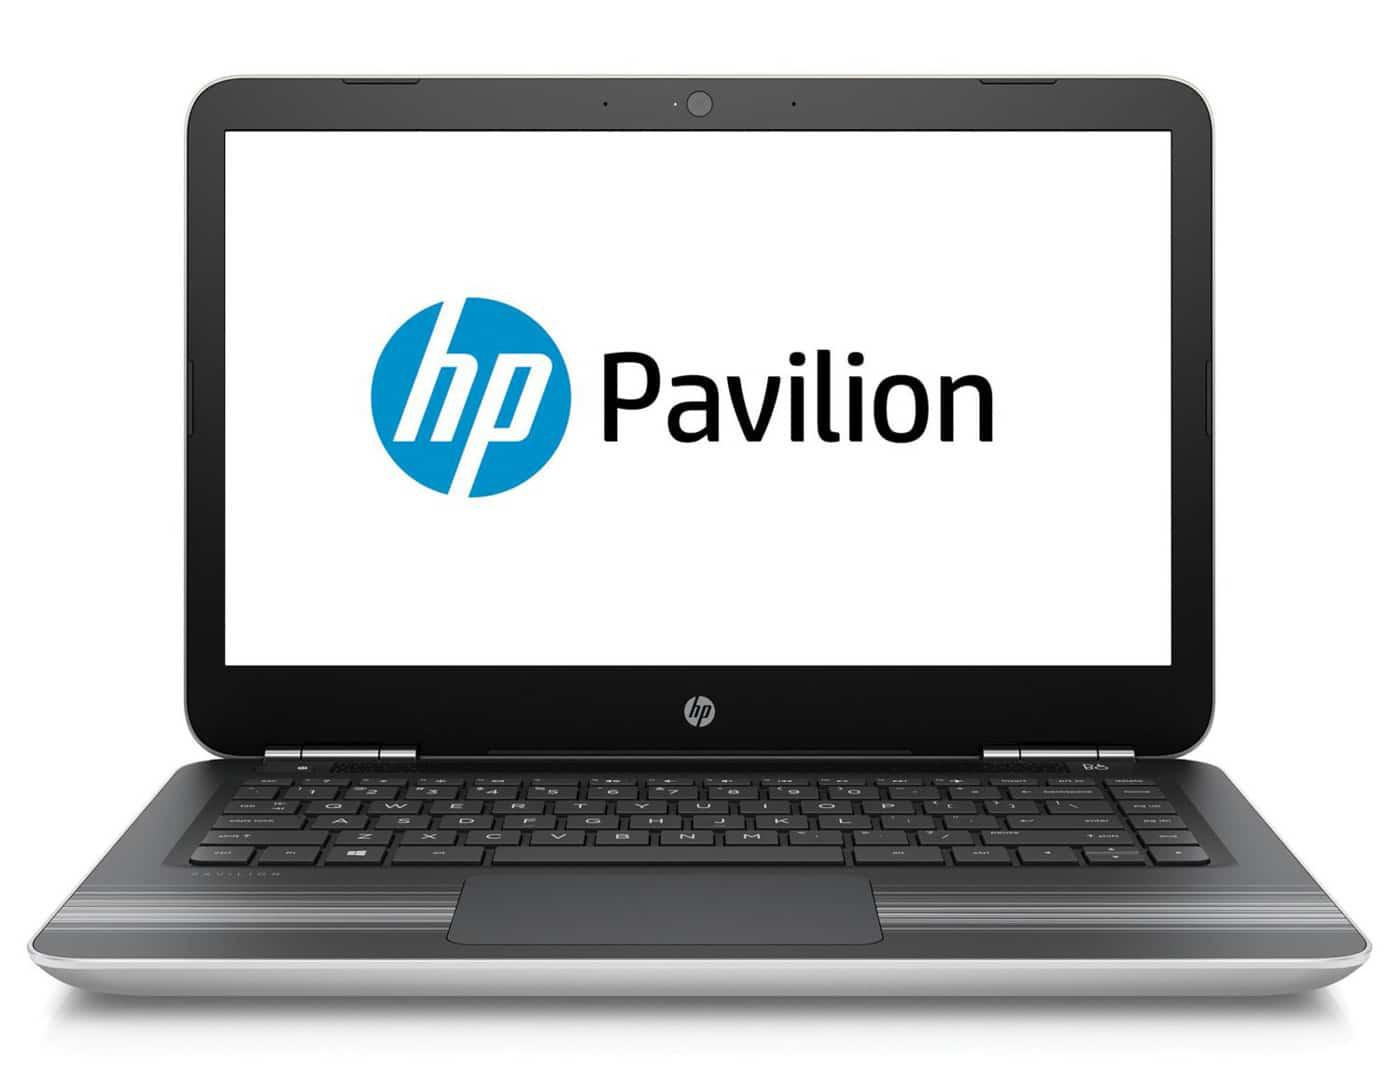 HP Pavilion 14-al101nf à 799€, PC portable 14 pouces i7 Kaby Lake 940MX 8 Go